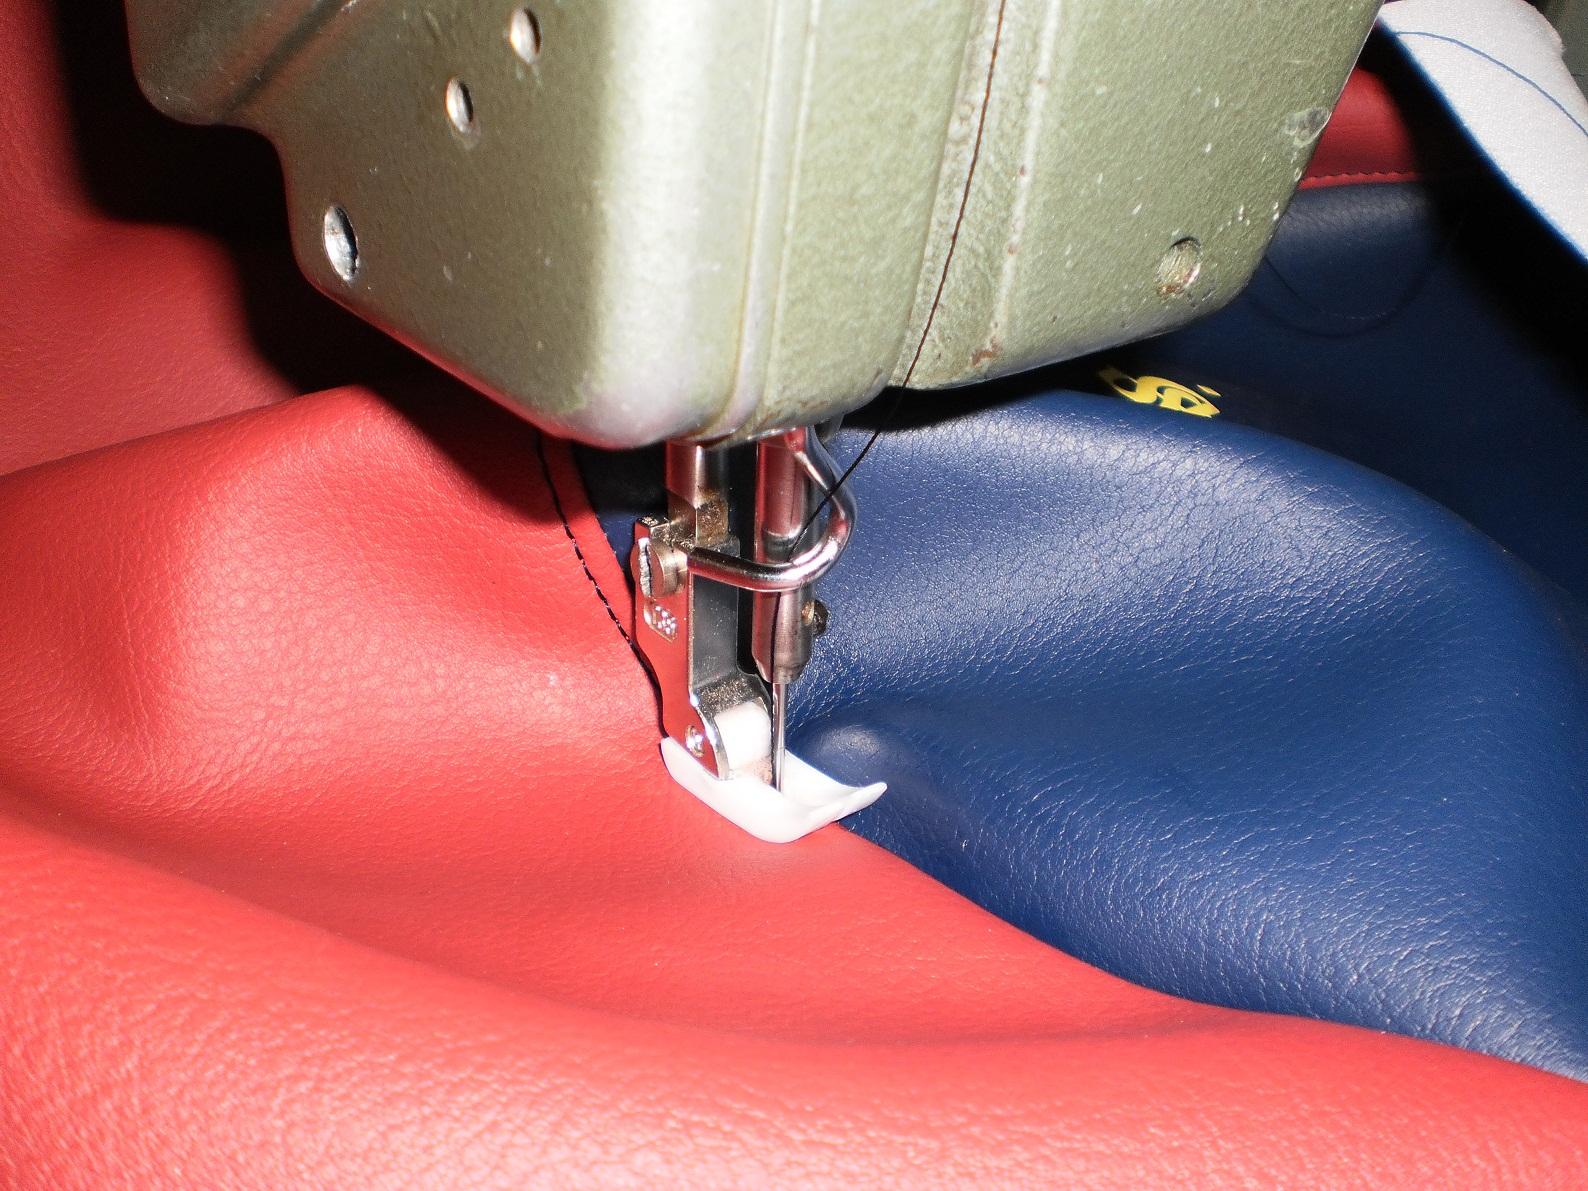 Un asiento de vespa en barcelona tapizar asiento moto en for Tapizar asientos coche barcelona